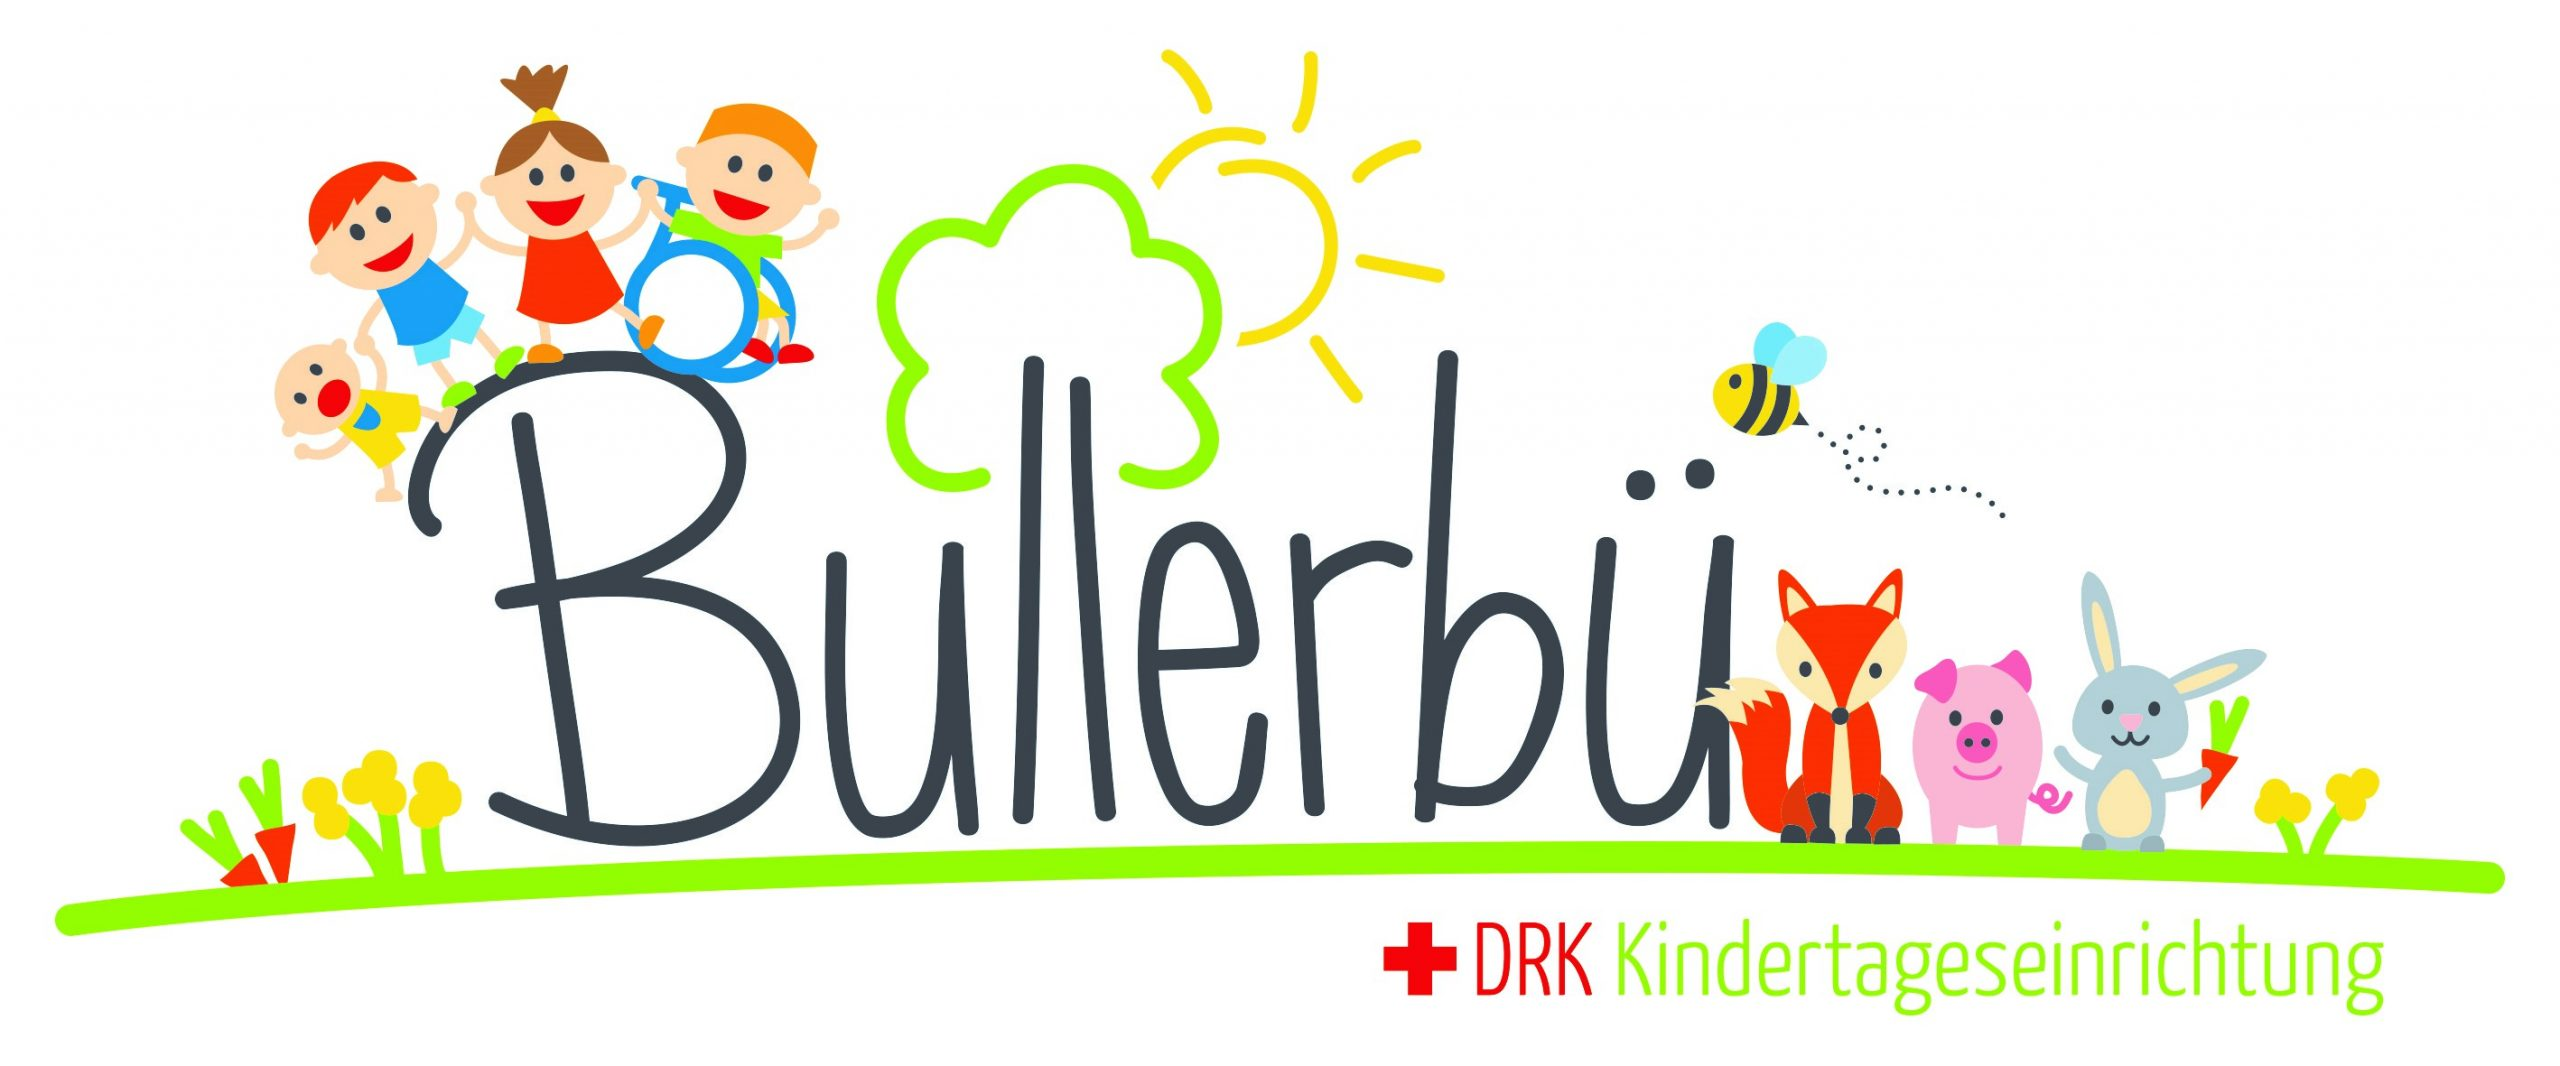 DRK Kita Bullerbü